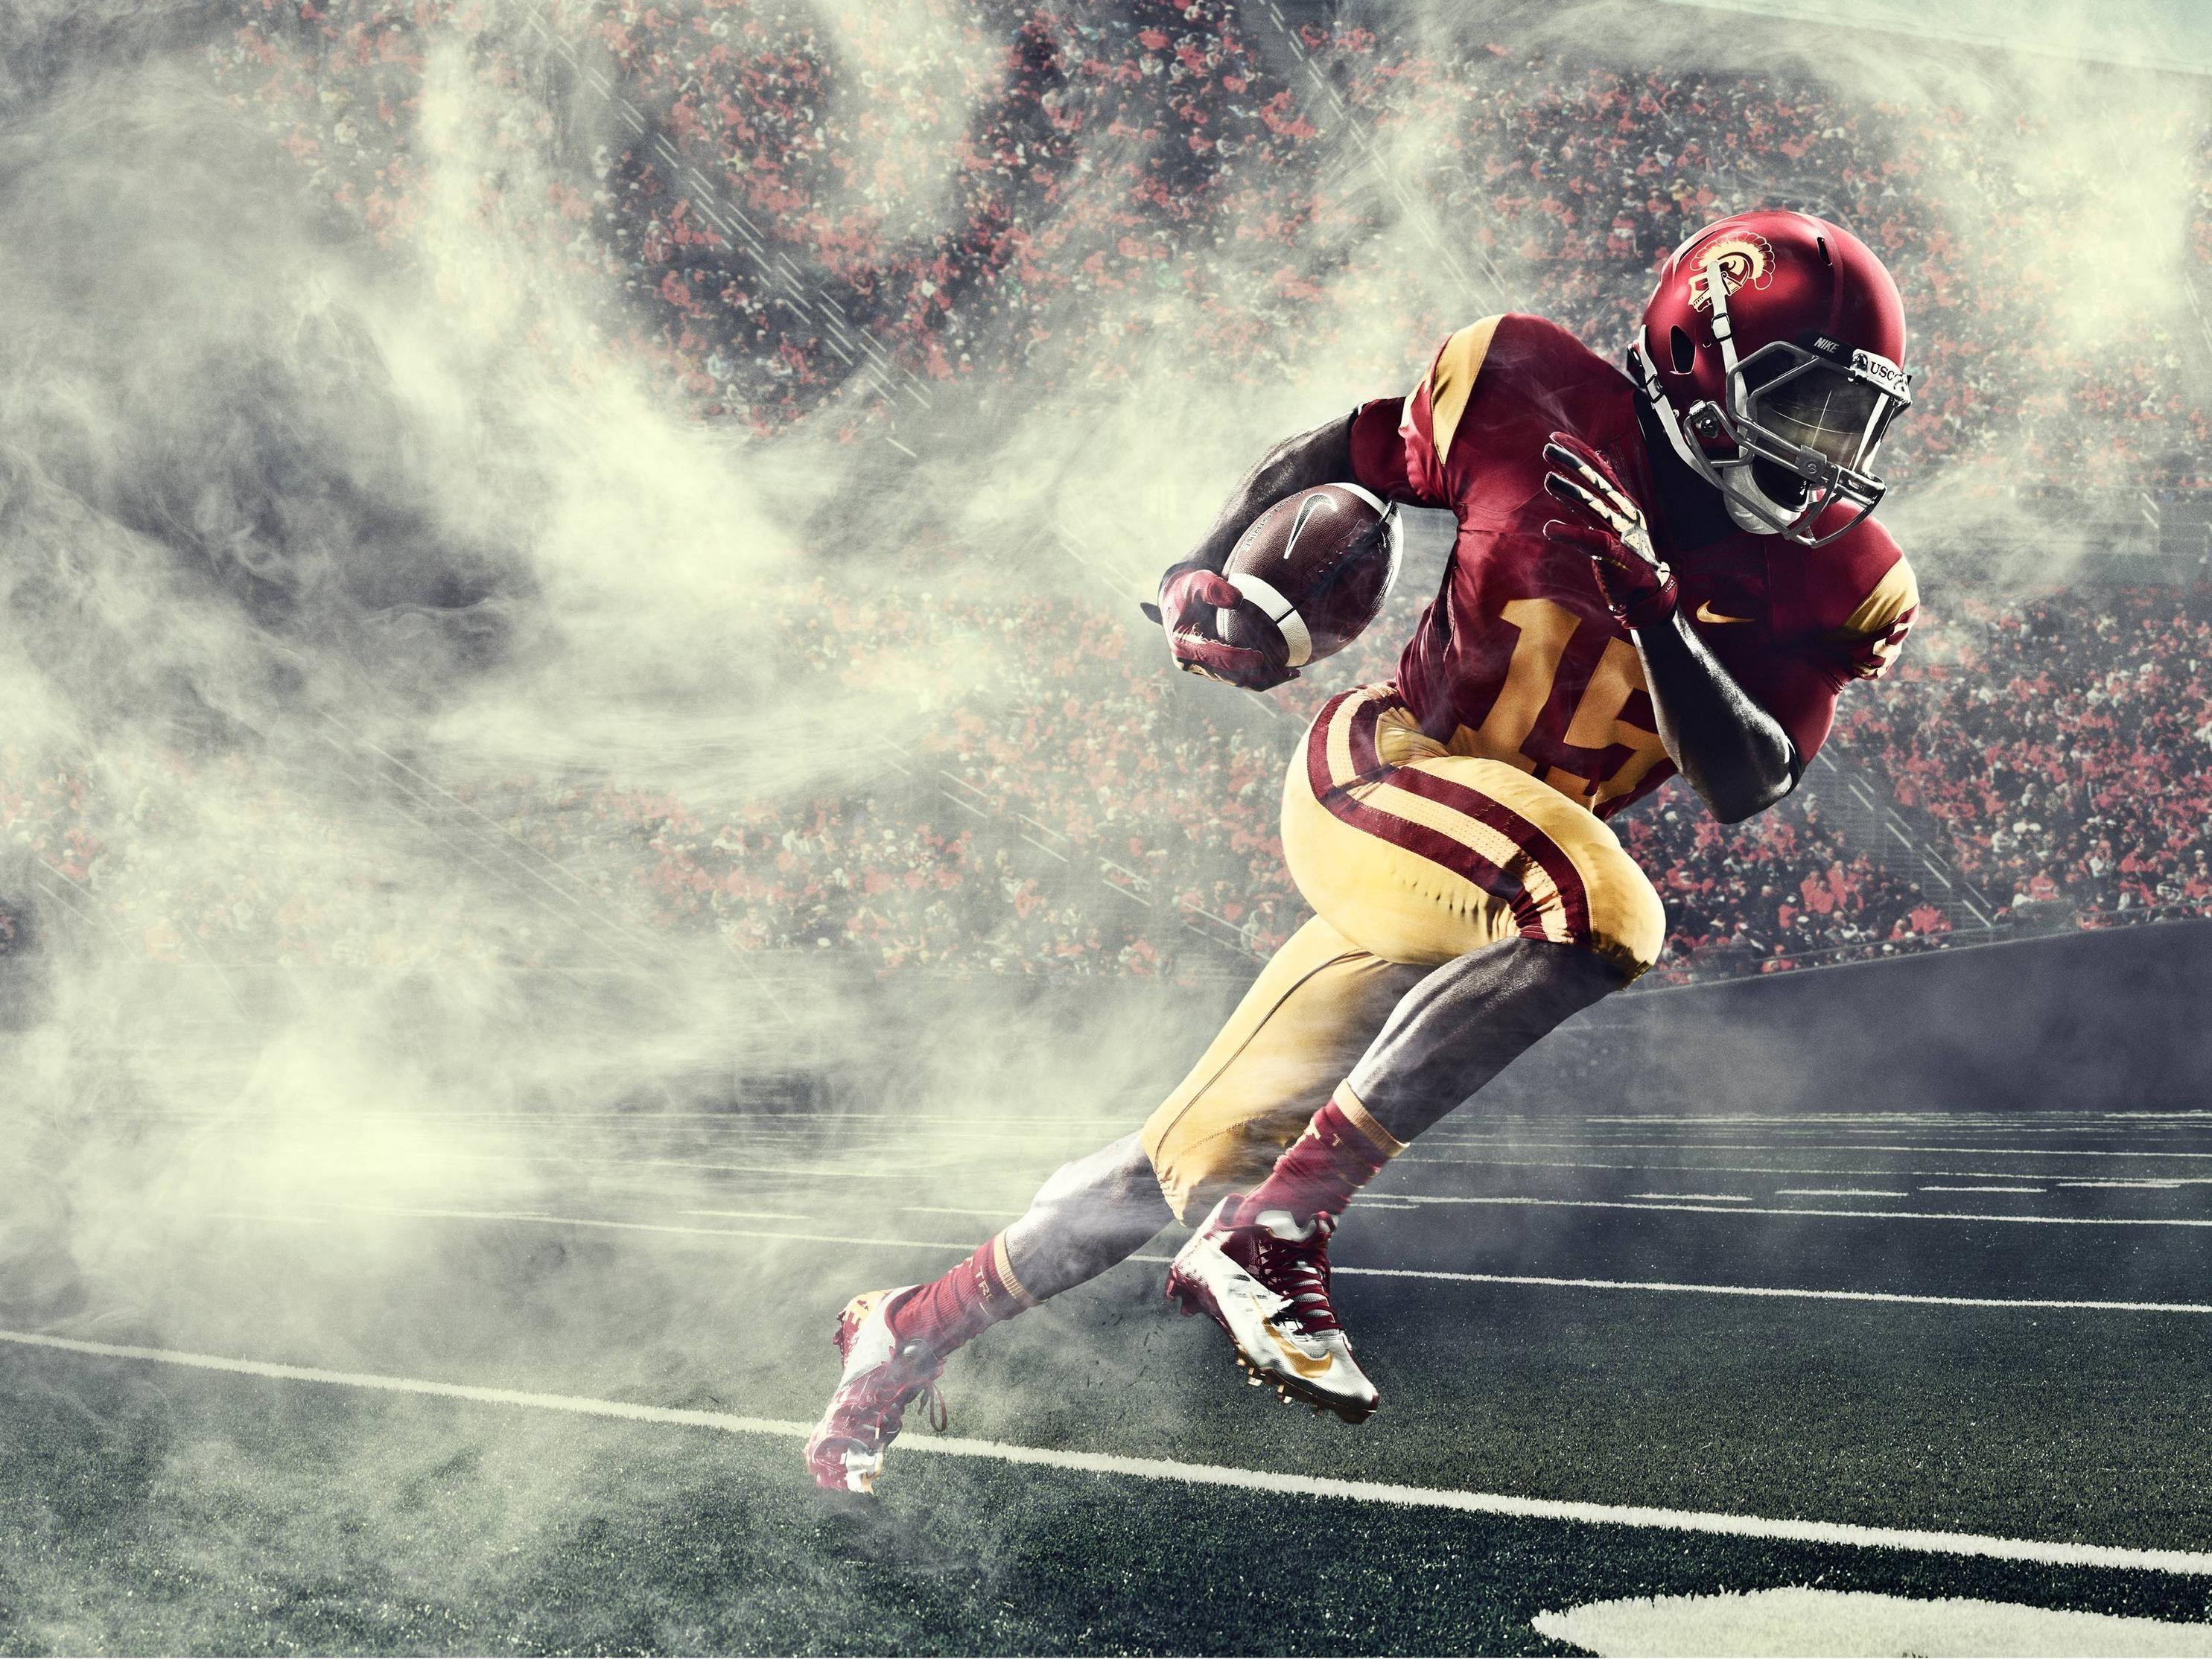 Hd Usc Trojans Football Wallpaper Usc Trojans Football Trojans Football Usc Football